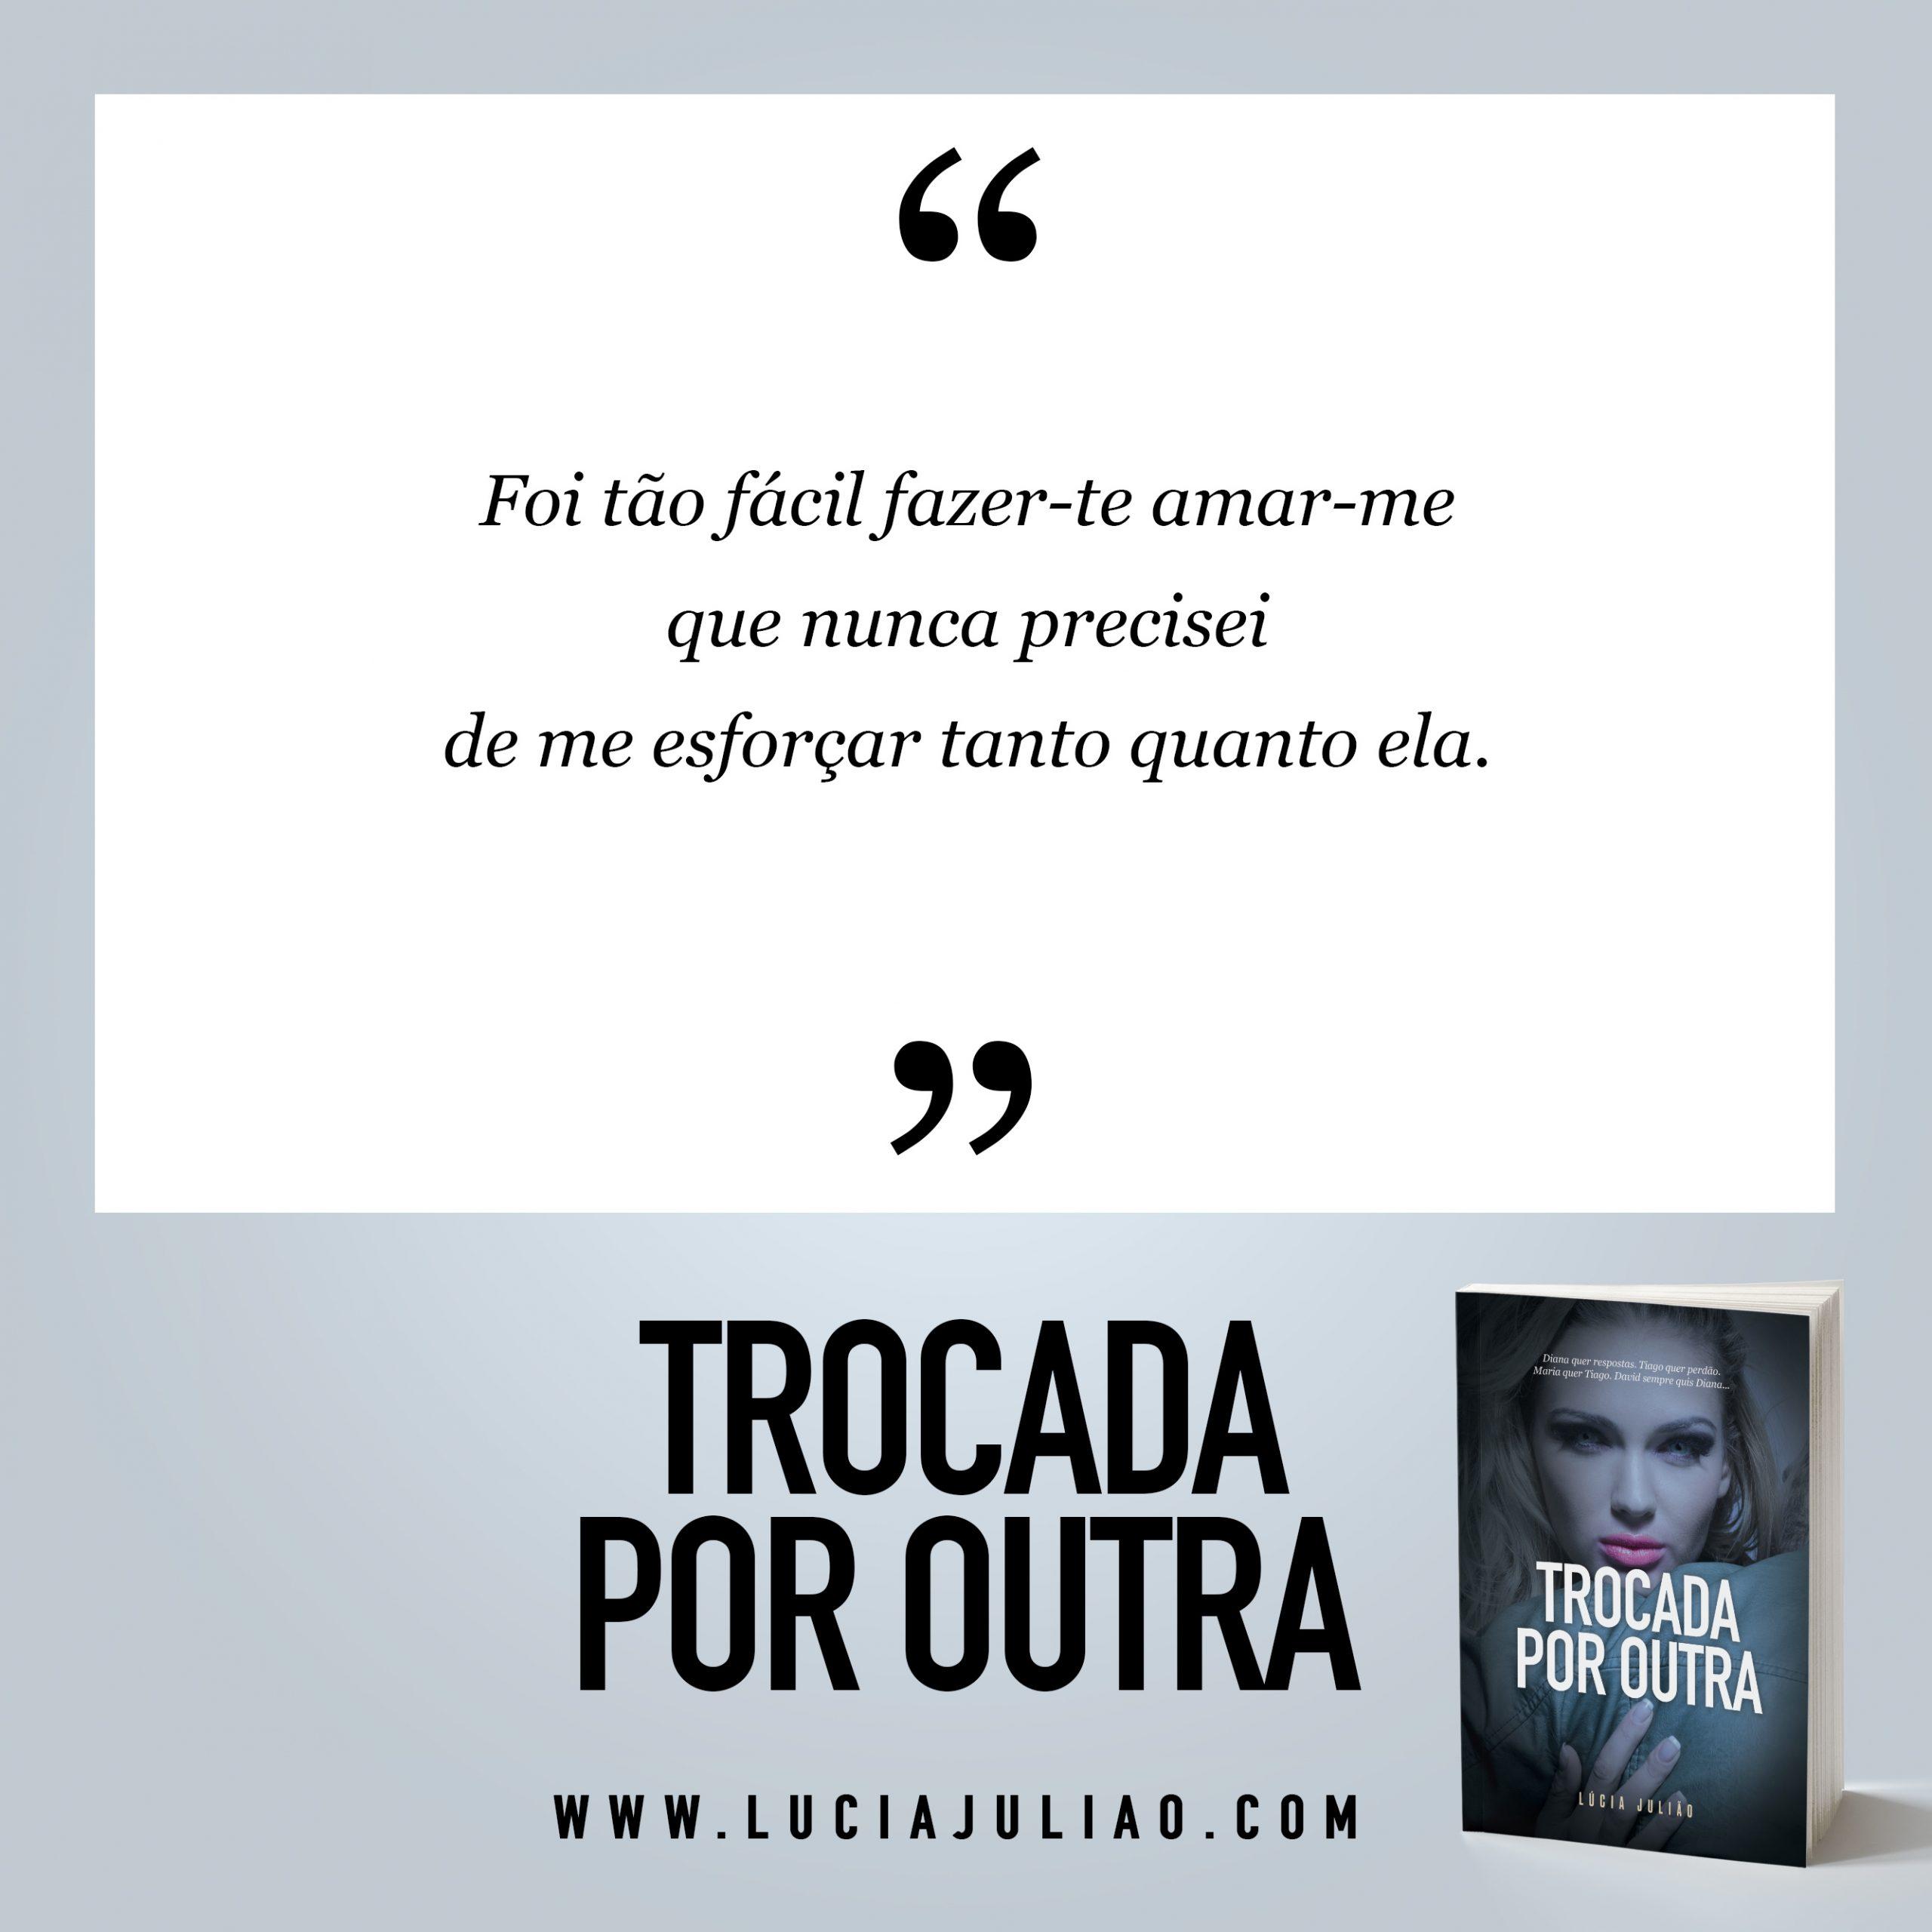 026Q - capítulo 7 - Trocada por outra - Lúcia Julião